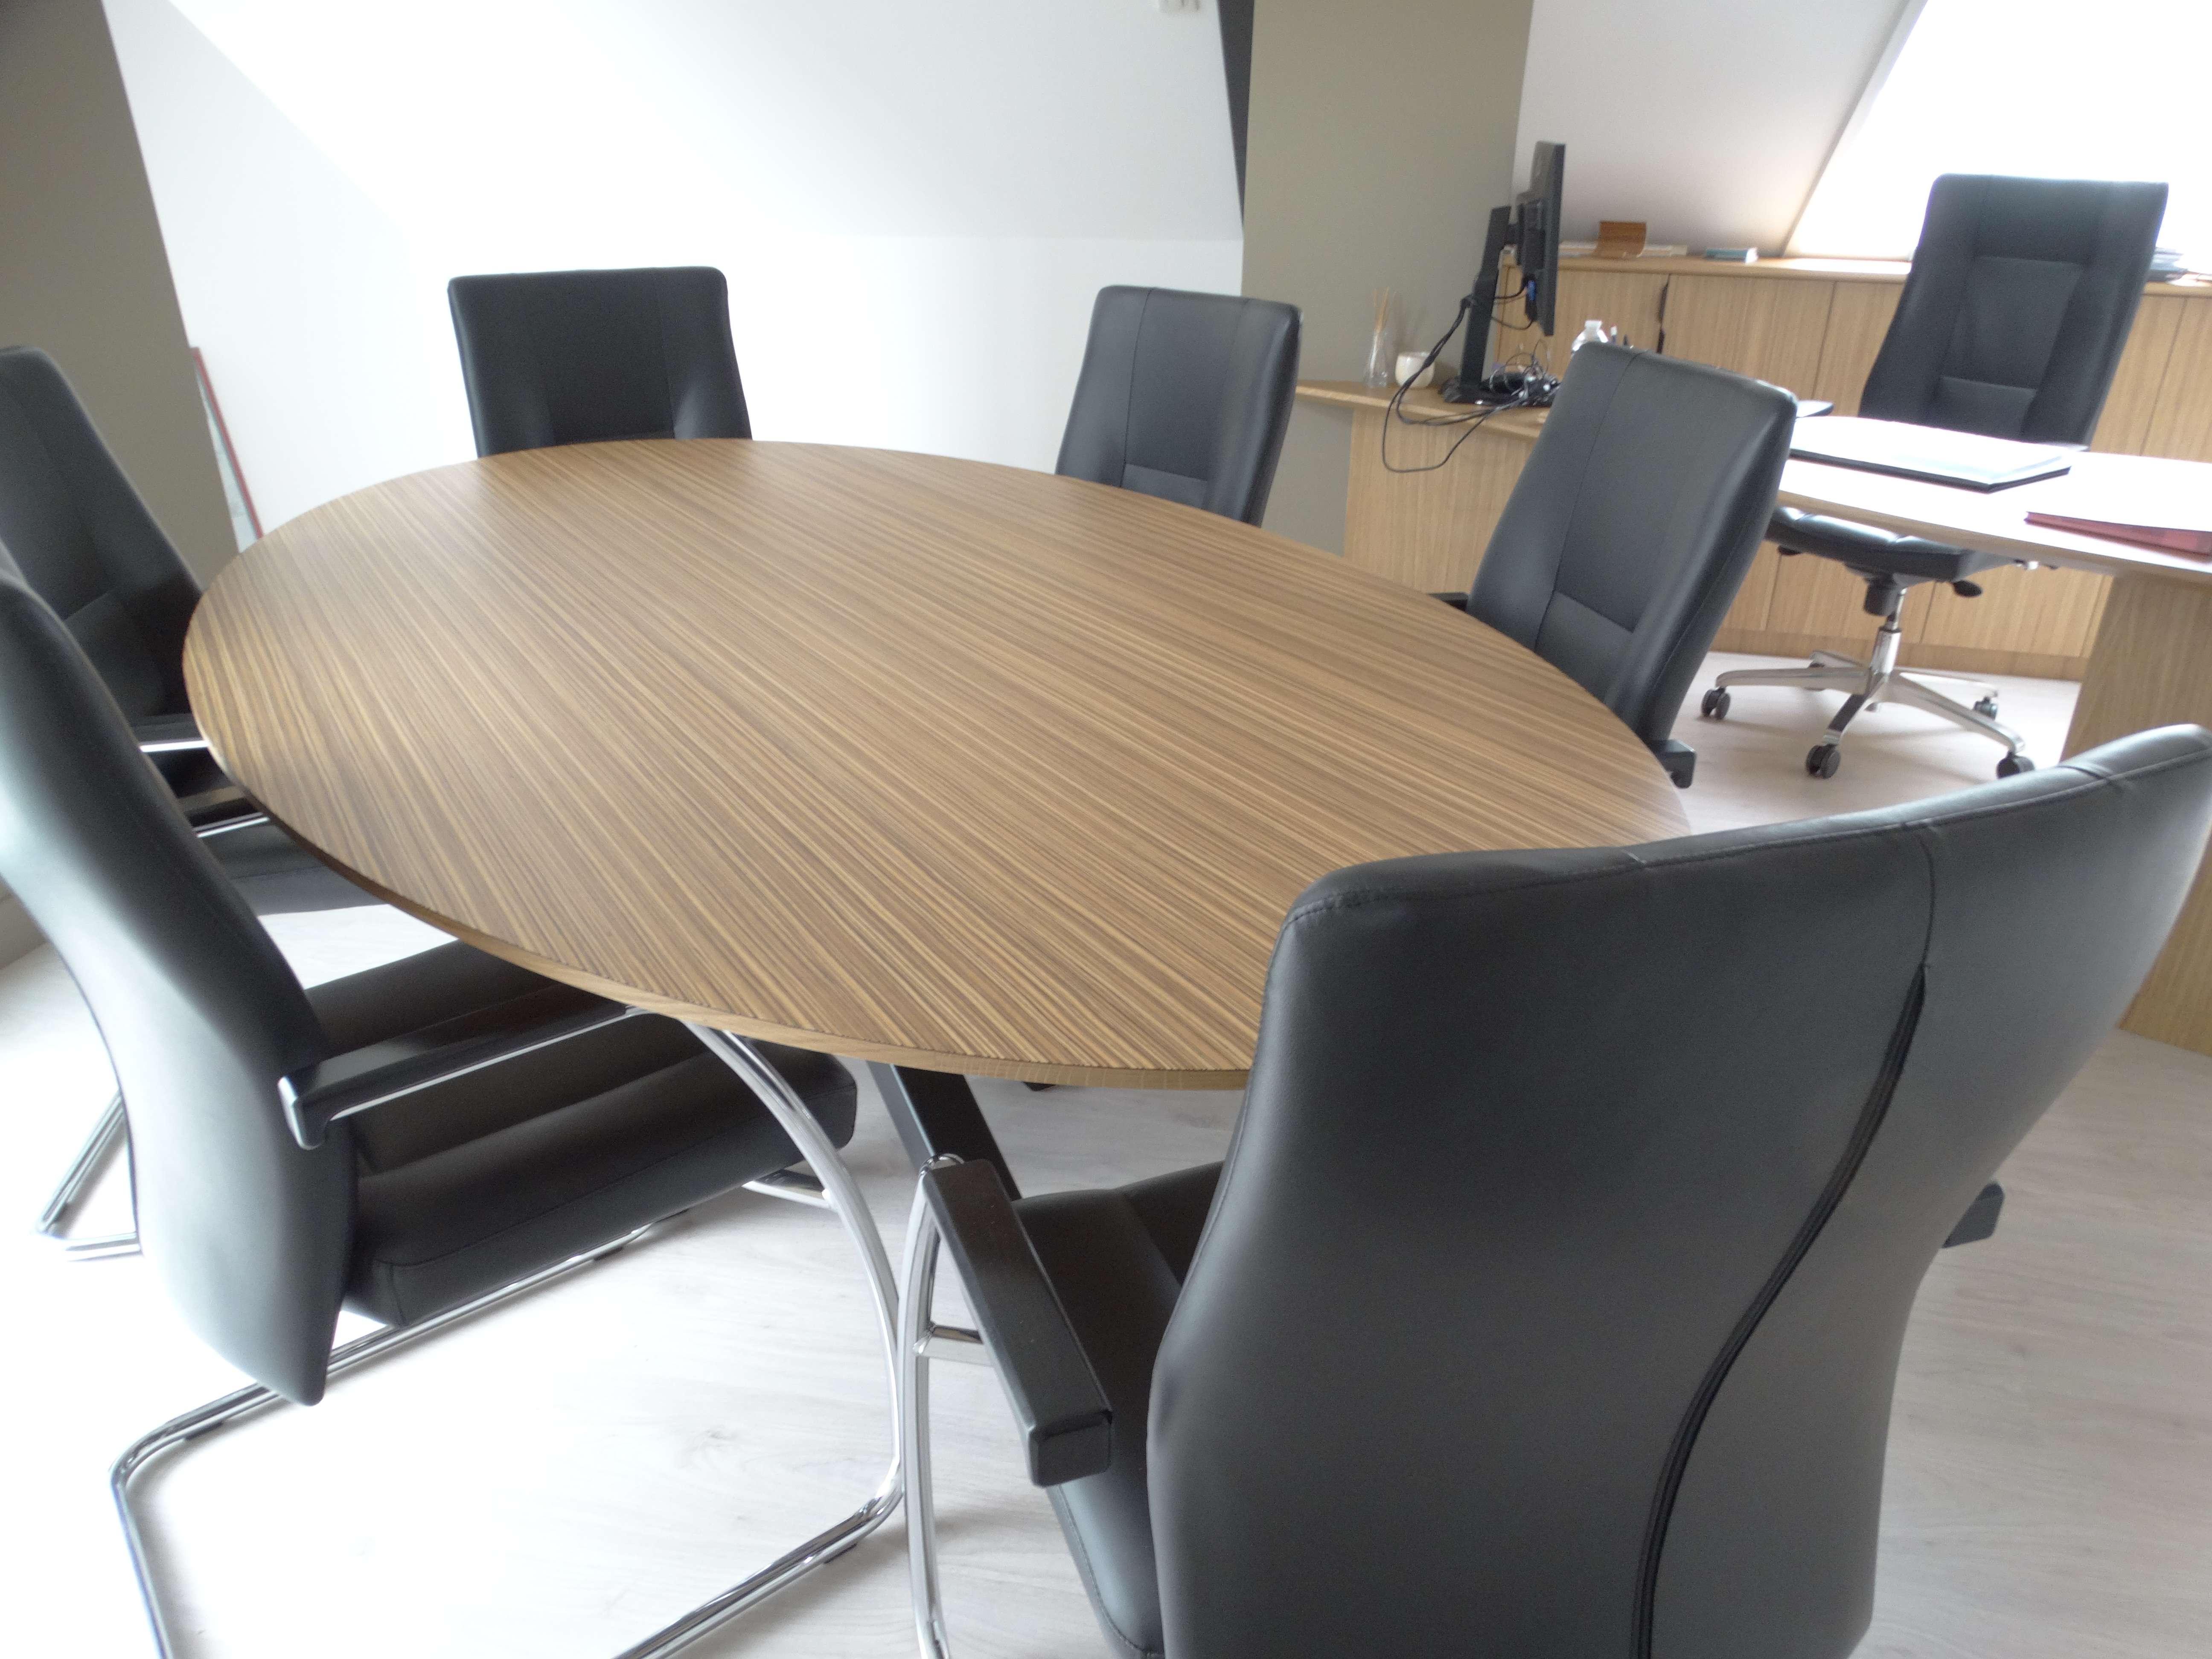 Table de réunion sur mesure bureau mairie - Bureau original mairie en bois zebrano et chêne